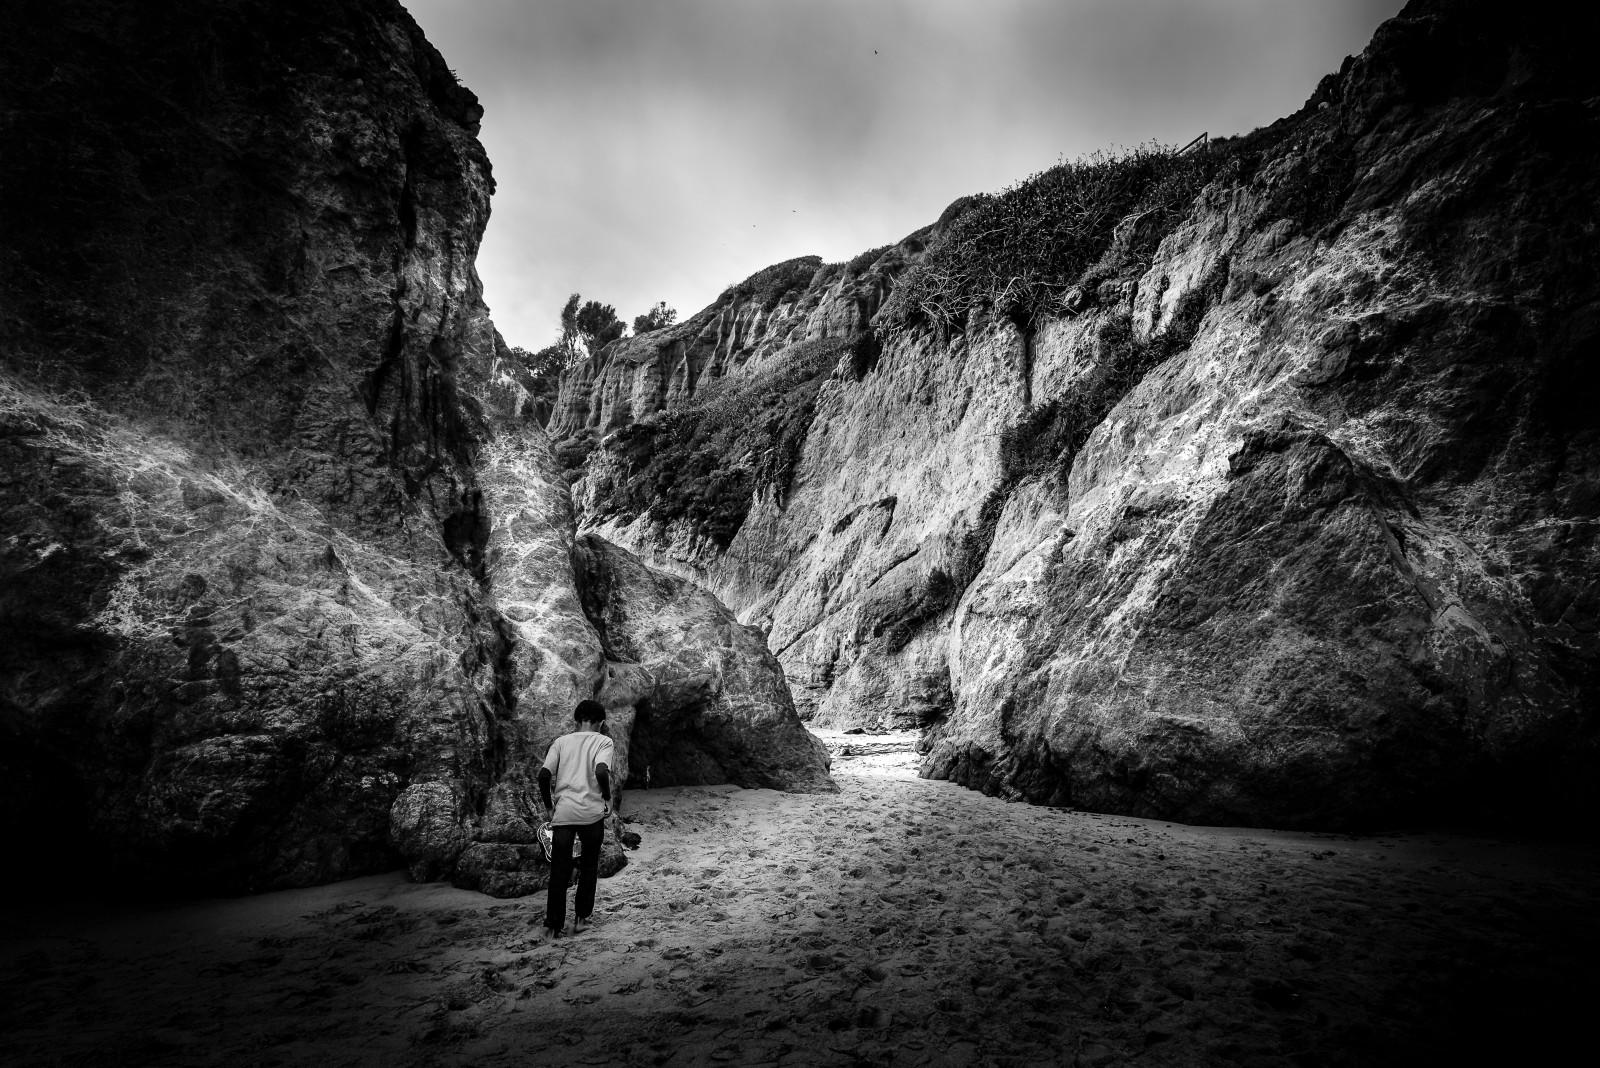 fond d u0026 39  u00e9cran   paysage  monochrome  roche  la nature  le sable  ciel  la photographie  plage